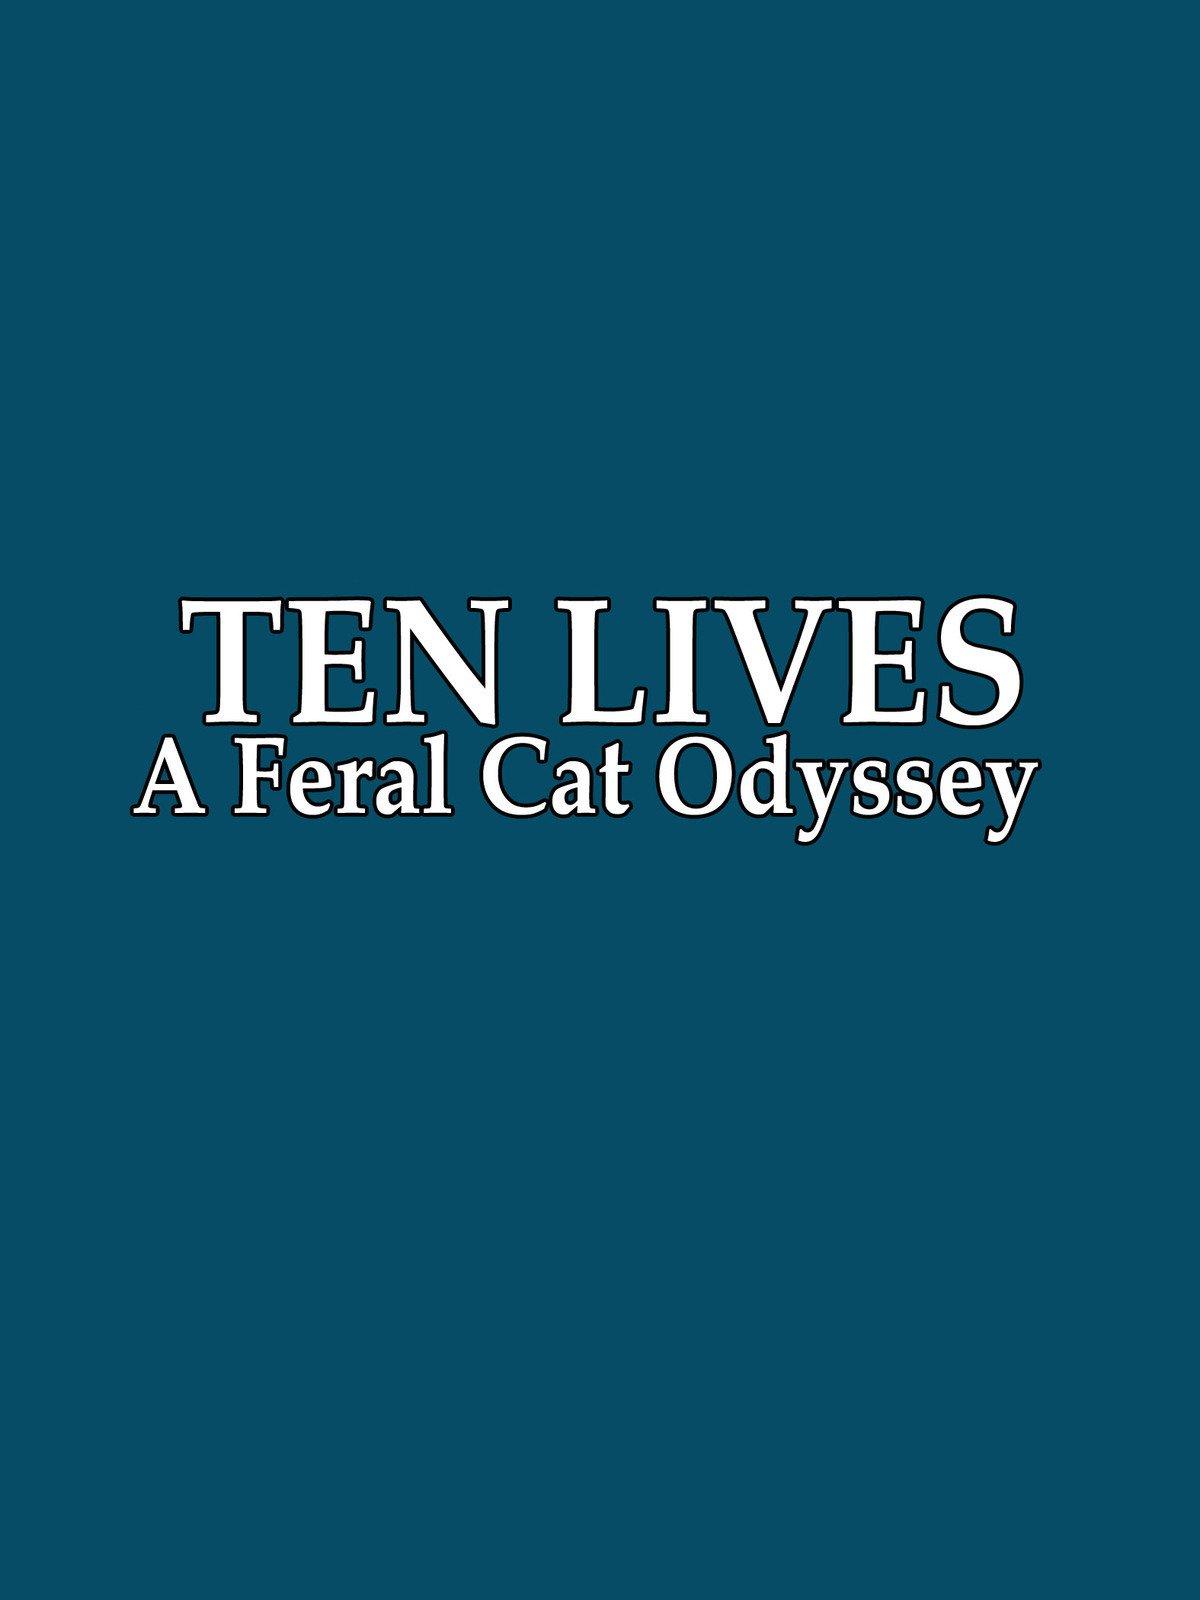 Ten Lives: A Feral Cat Odyssey